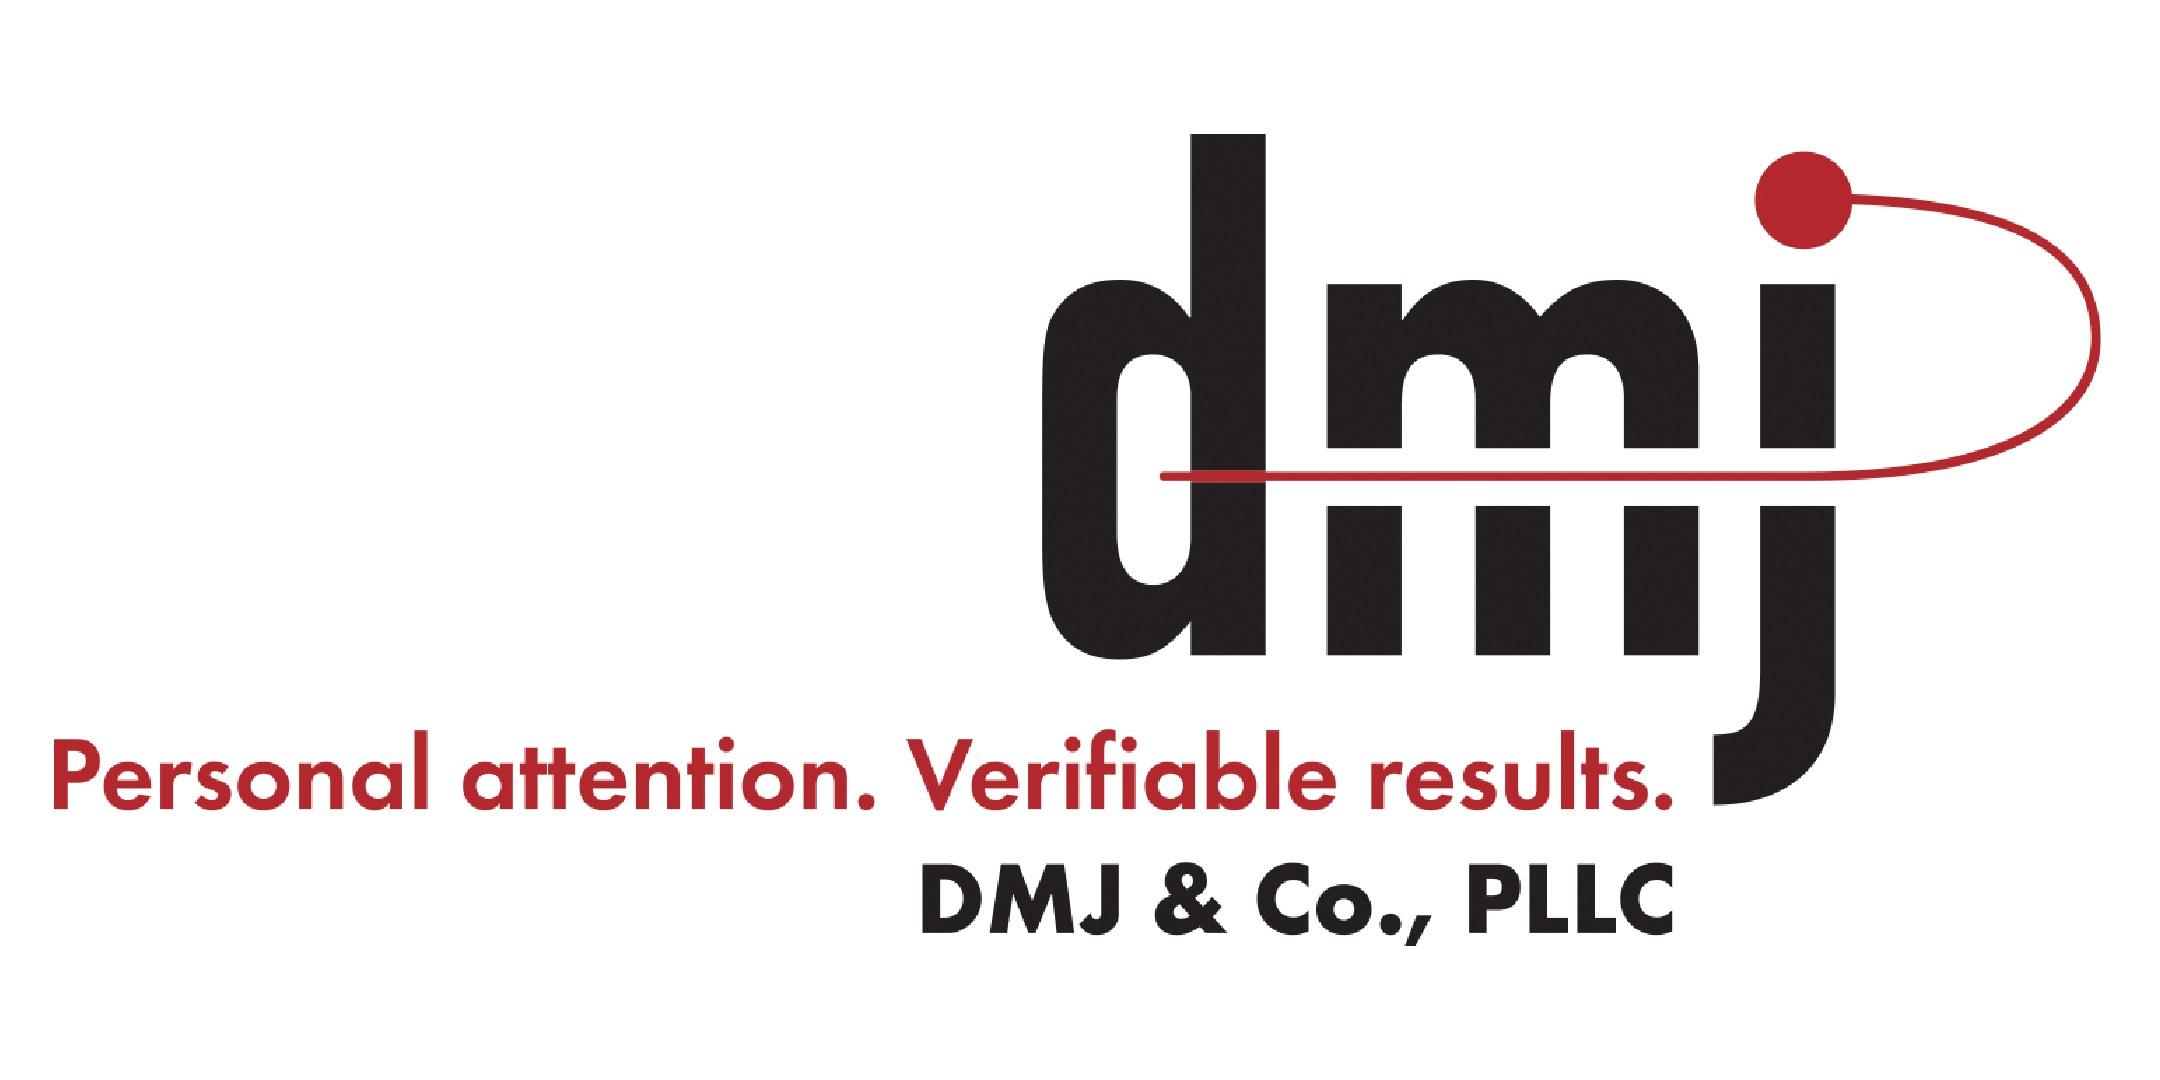 DMJ & Co., PLLC